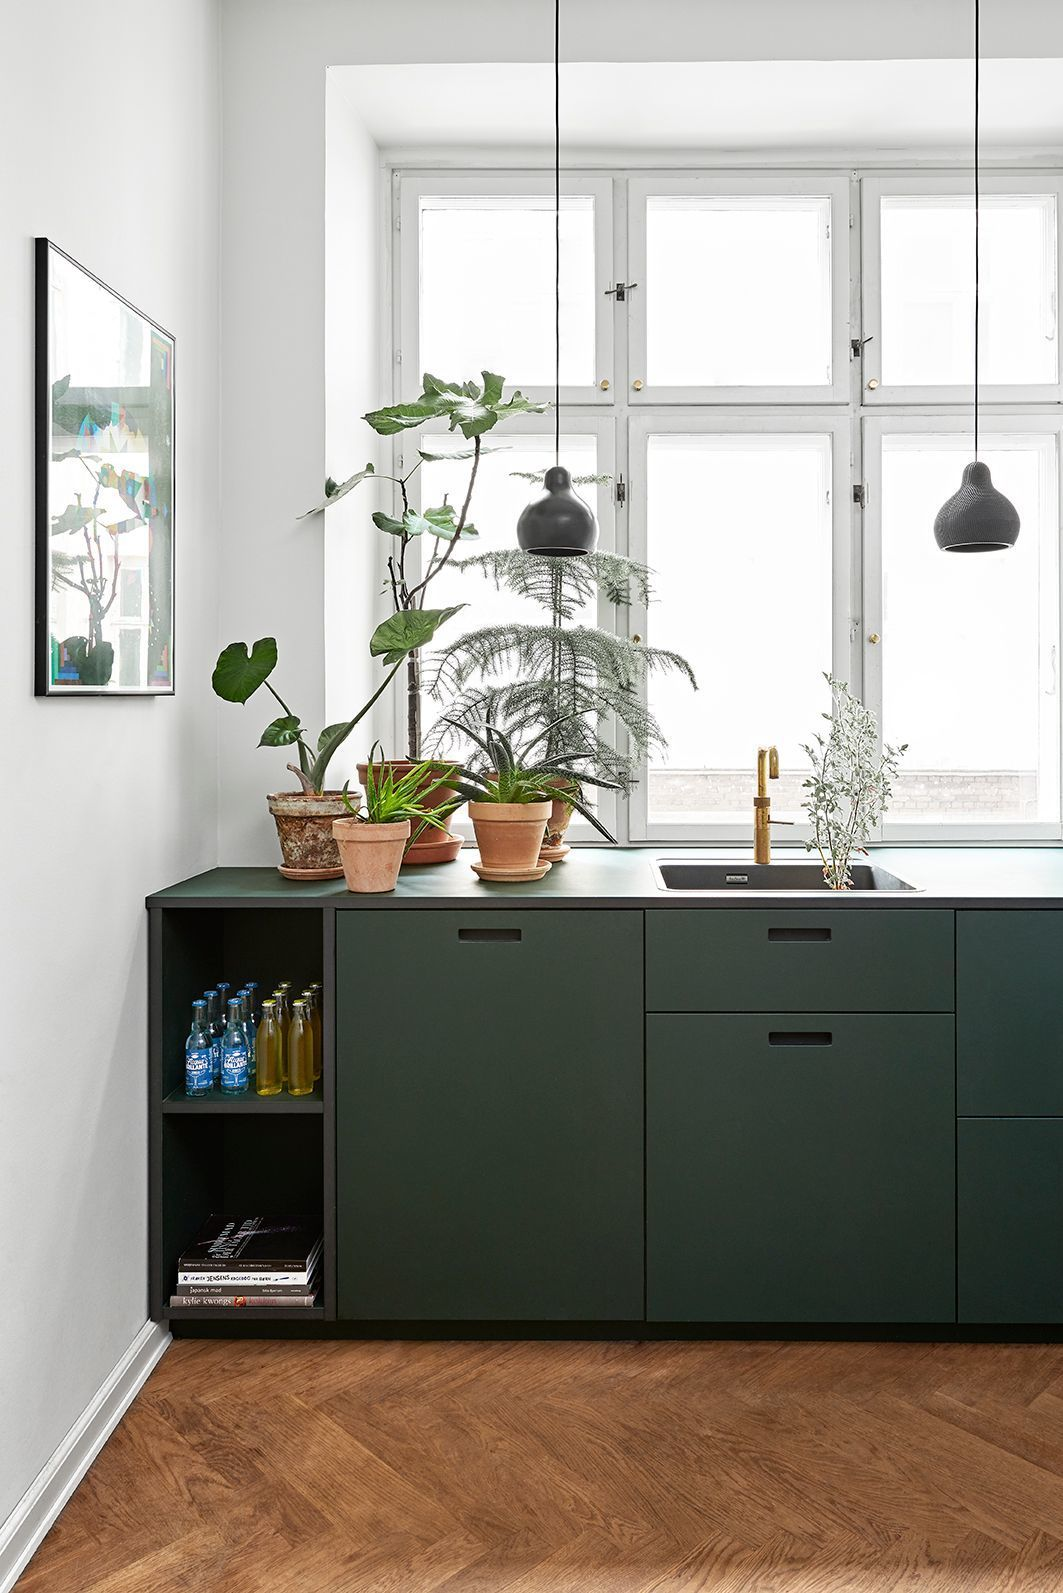 une cuisine sans meuble haut devant une fenetre